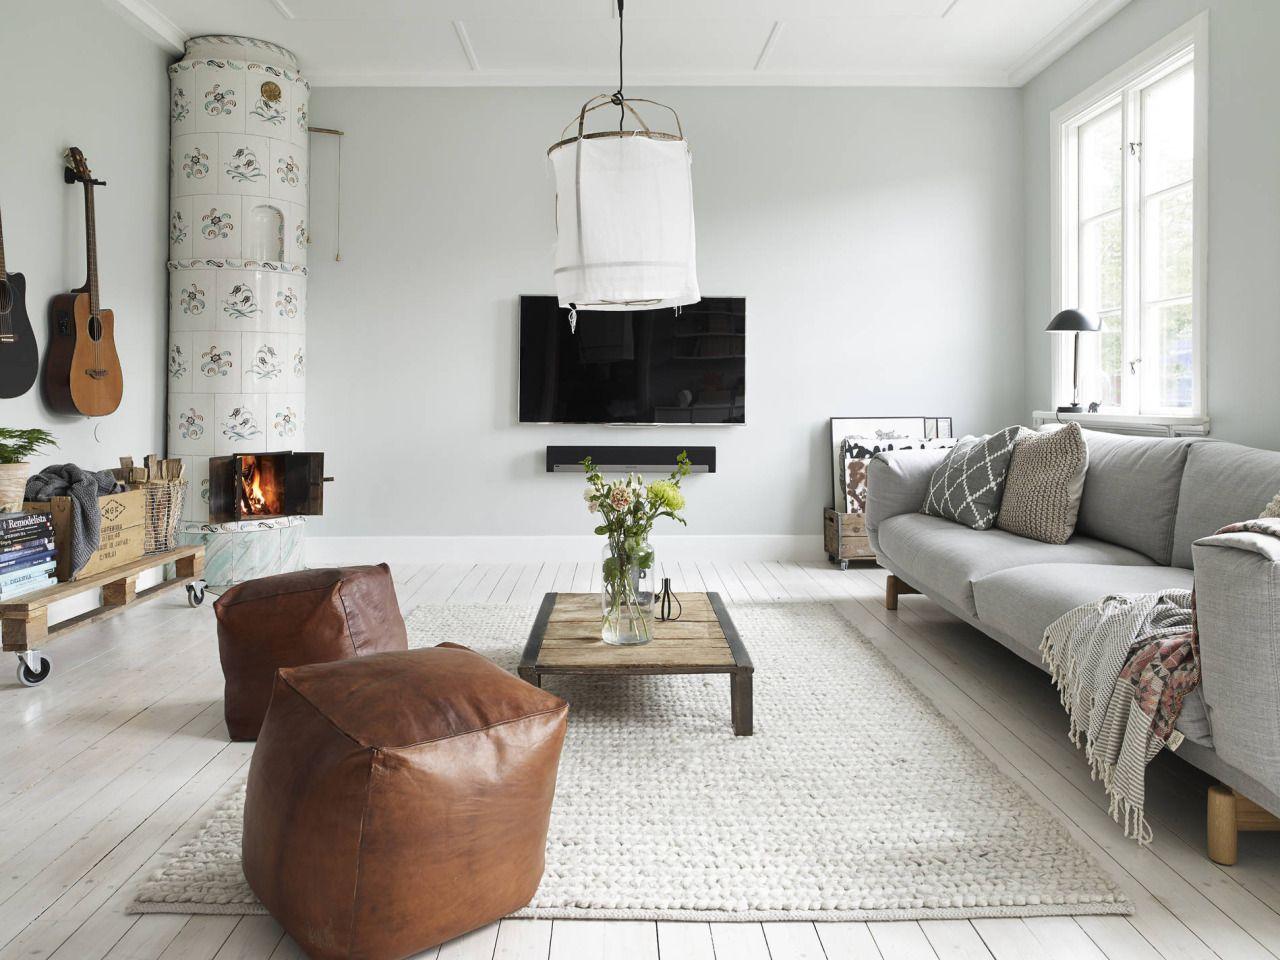 Design der vorderseite des hauses pin von nancy auf home design  pinterest  wohnzimmer und wohnen